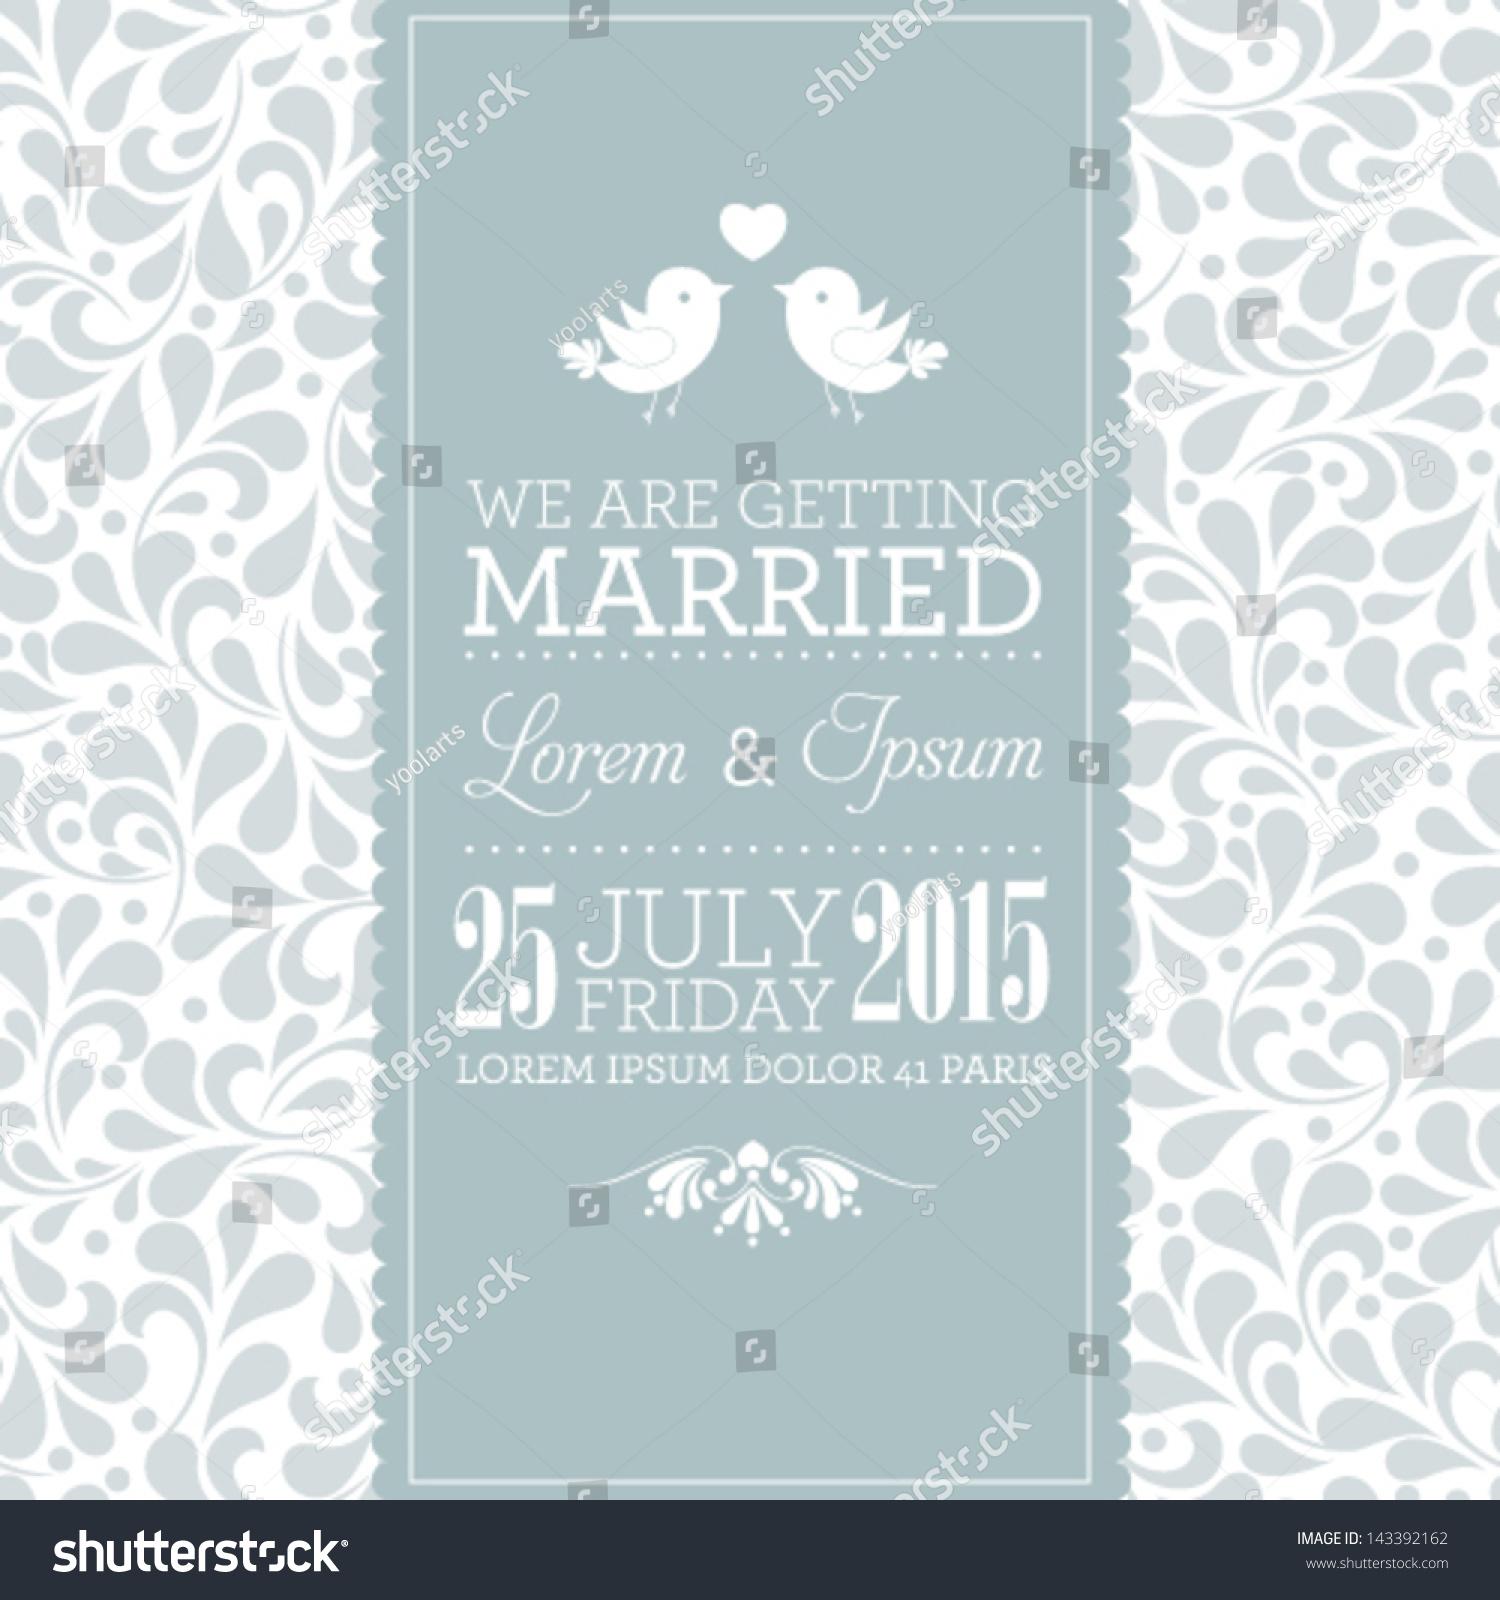 wedding card invitation in english wedding card invitation wedding card invitation wordings